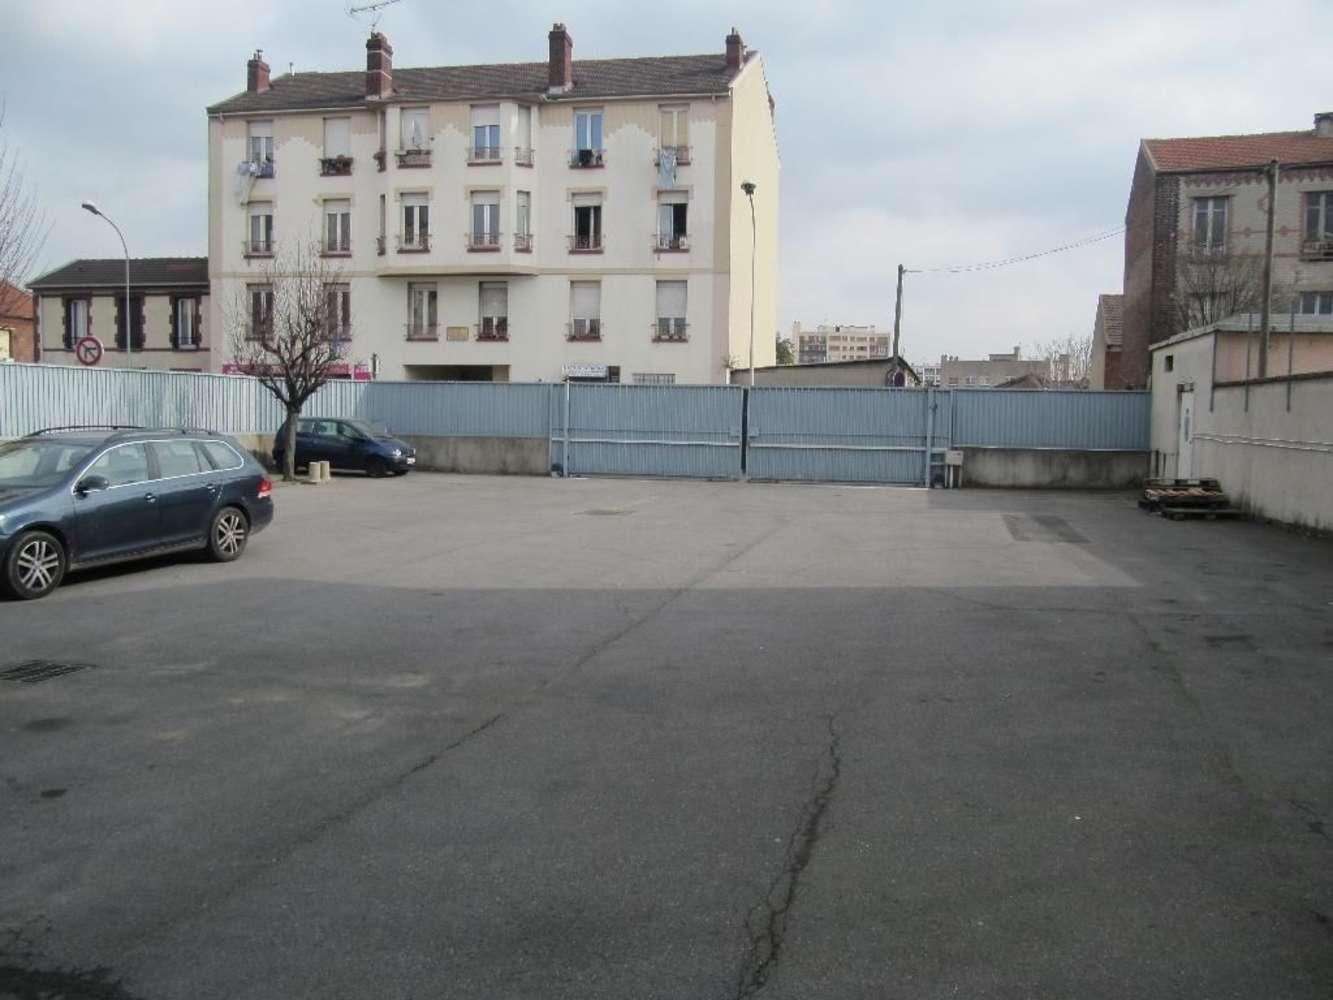 Activités/entrepôt Aubervilliers, 93300 - 47 RUE DU PORT - 9464658